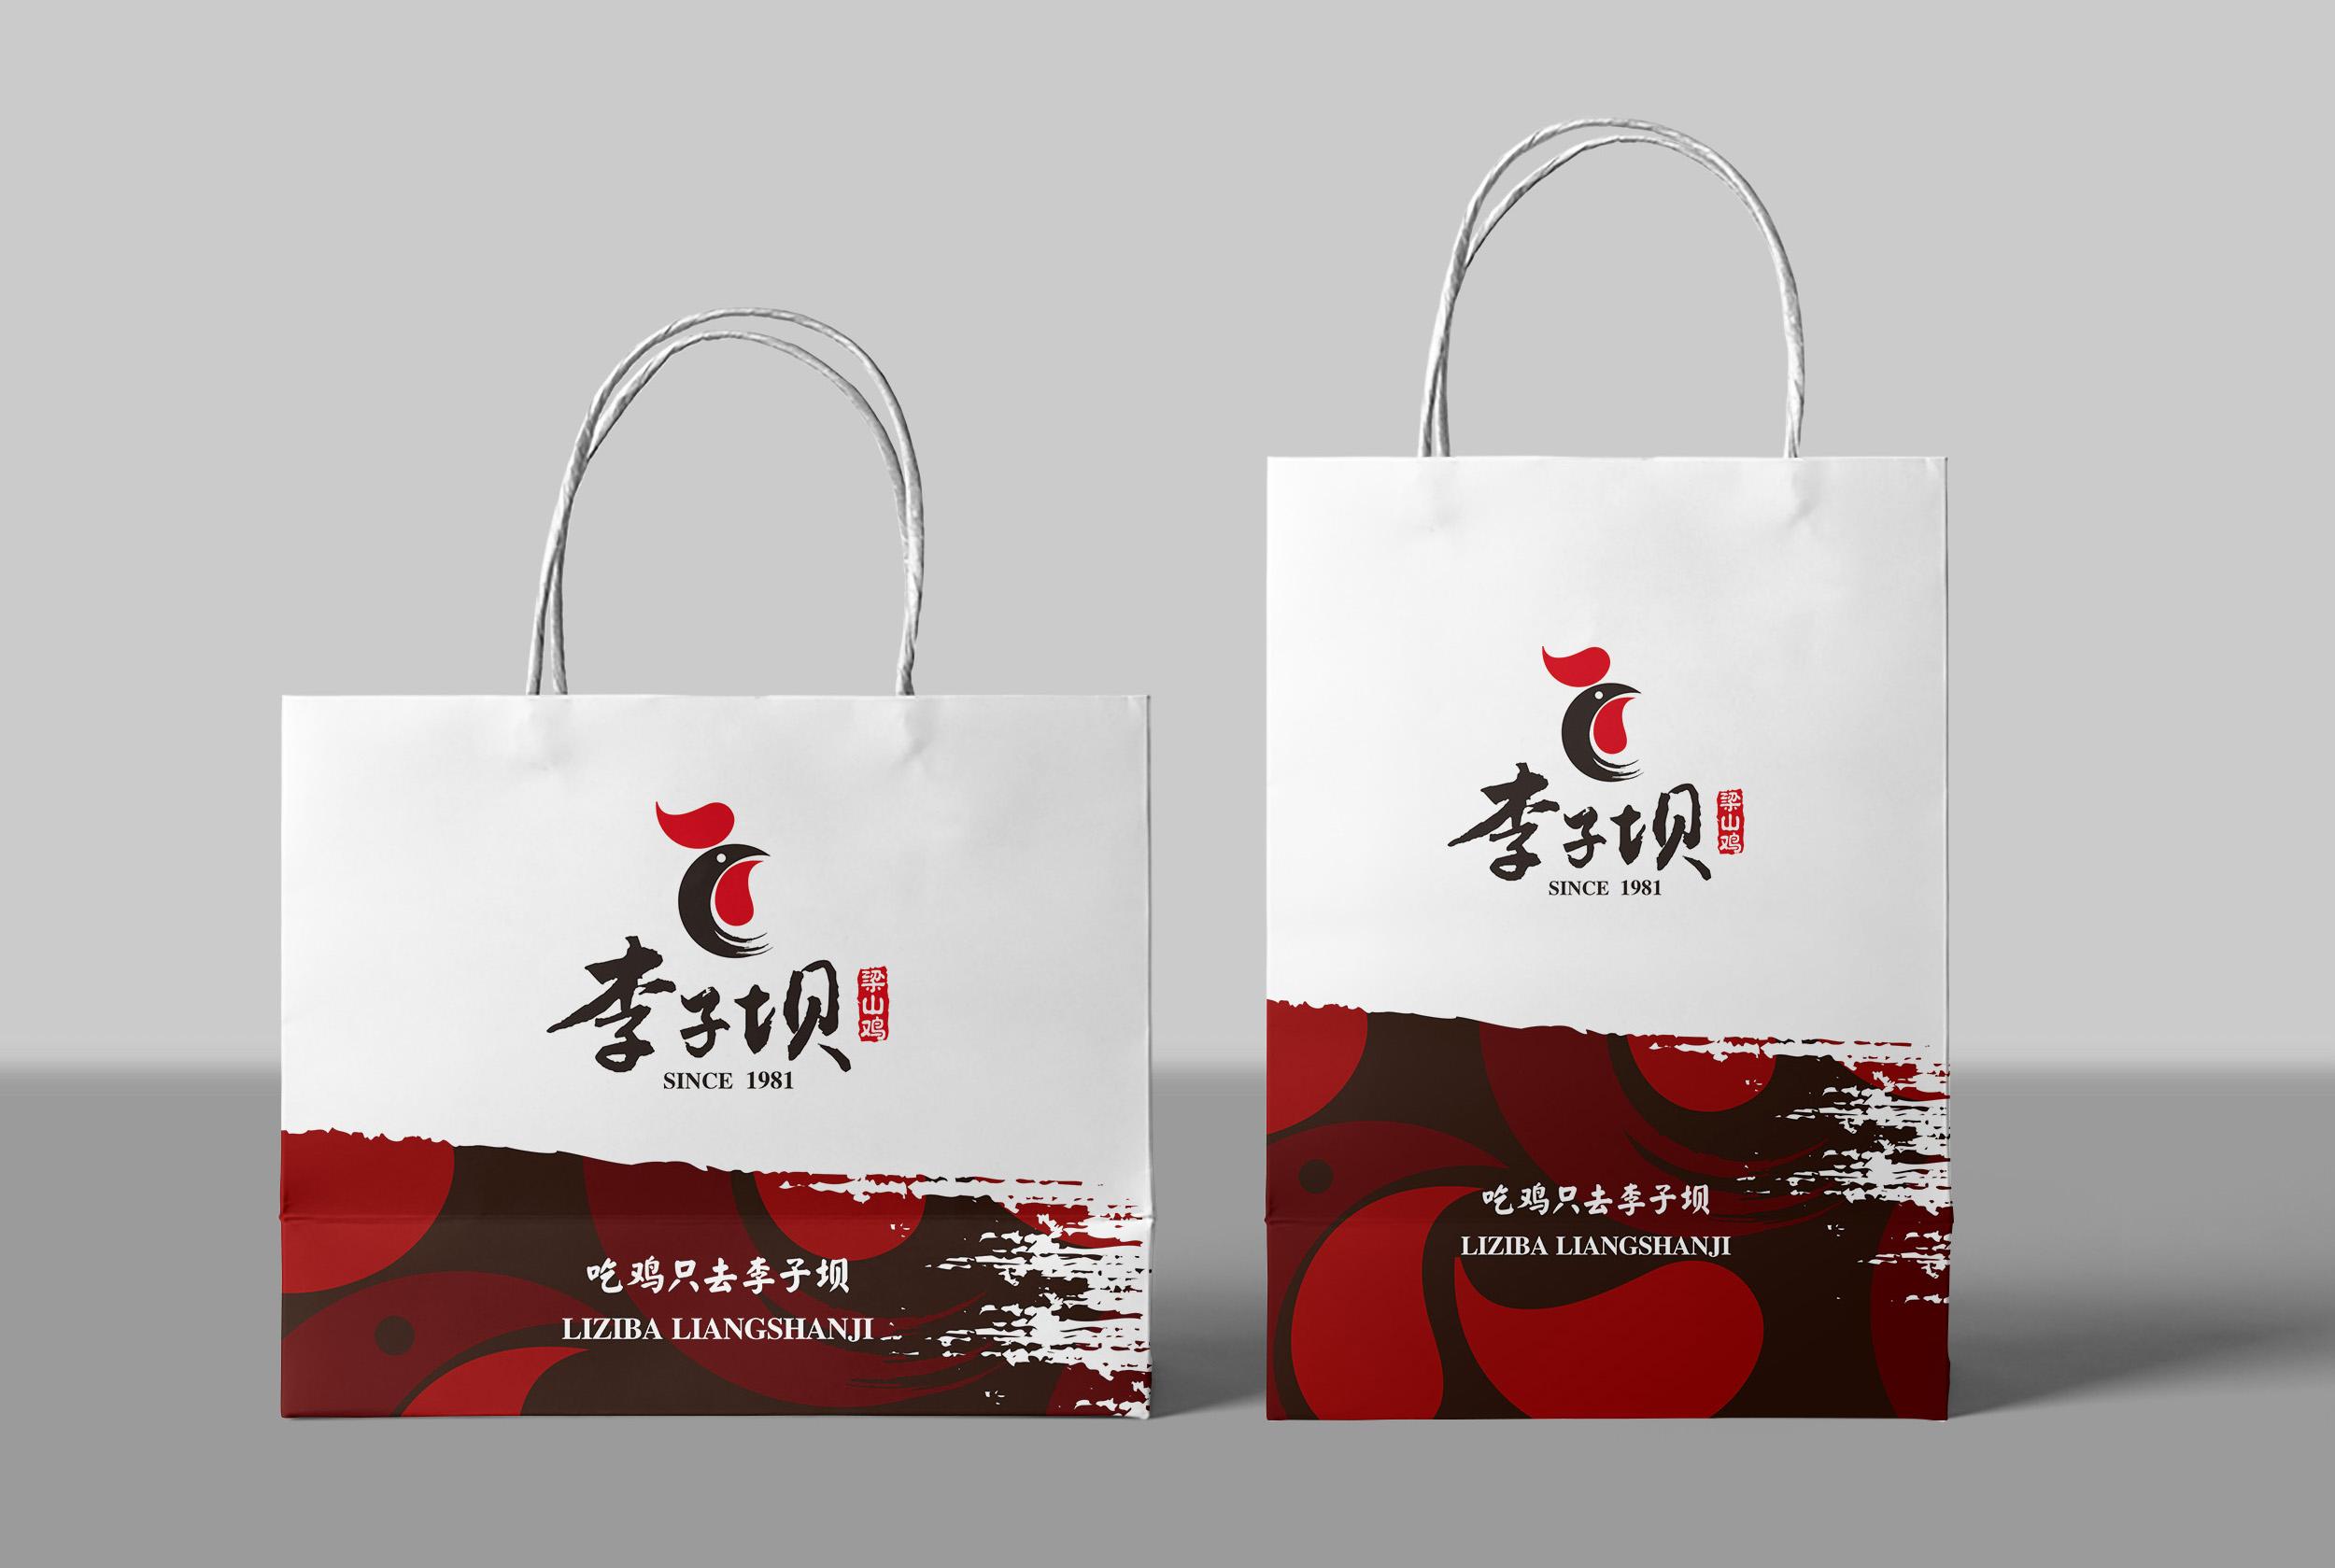 李子坝梁山鸡品牌设计VI-11